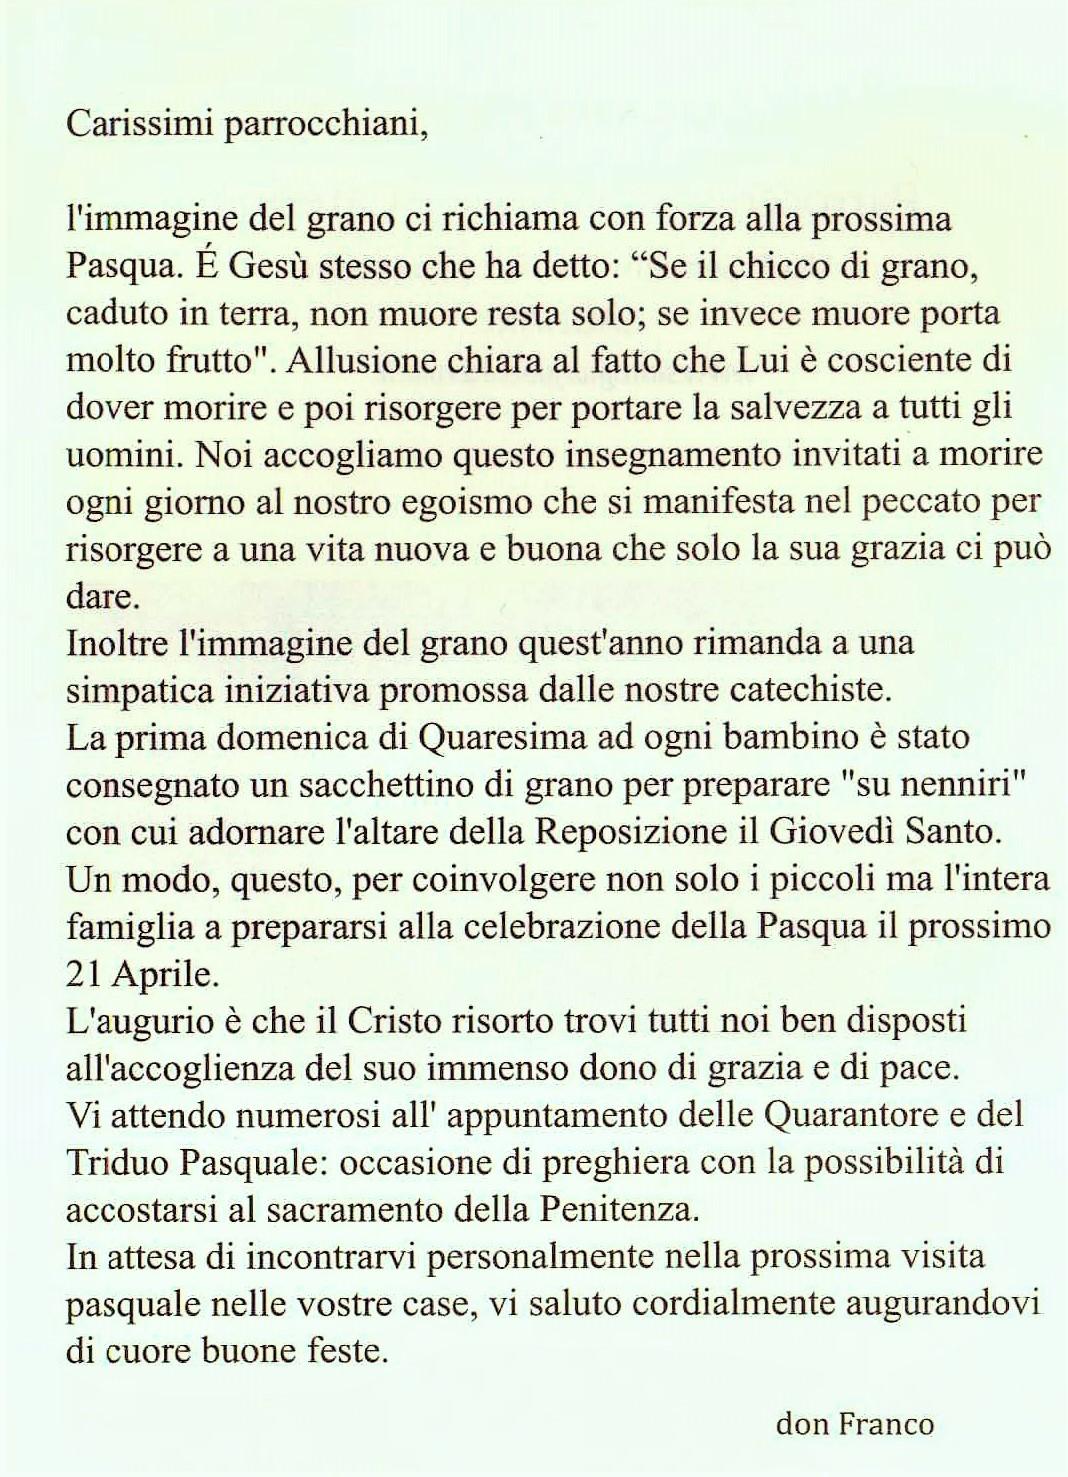 lettera-ai-parrocchiani